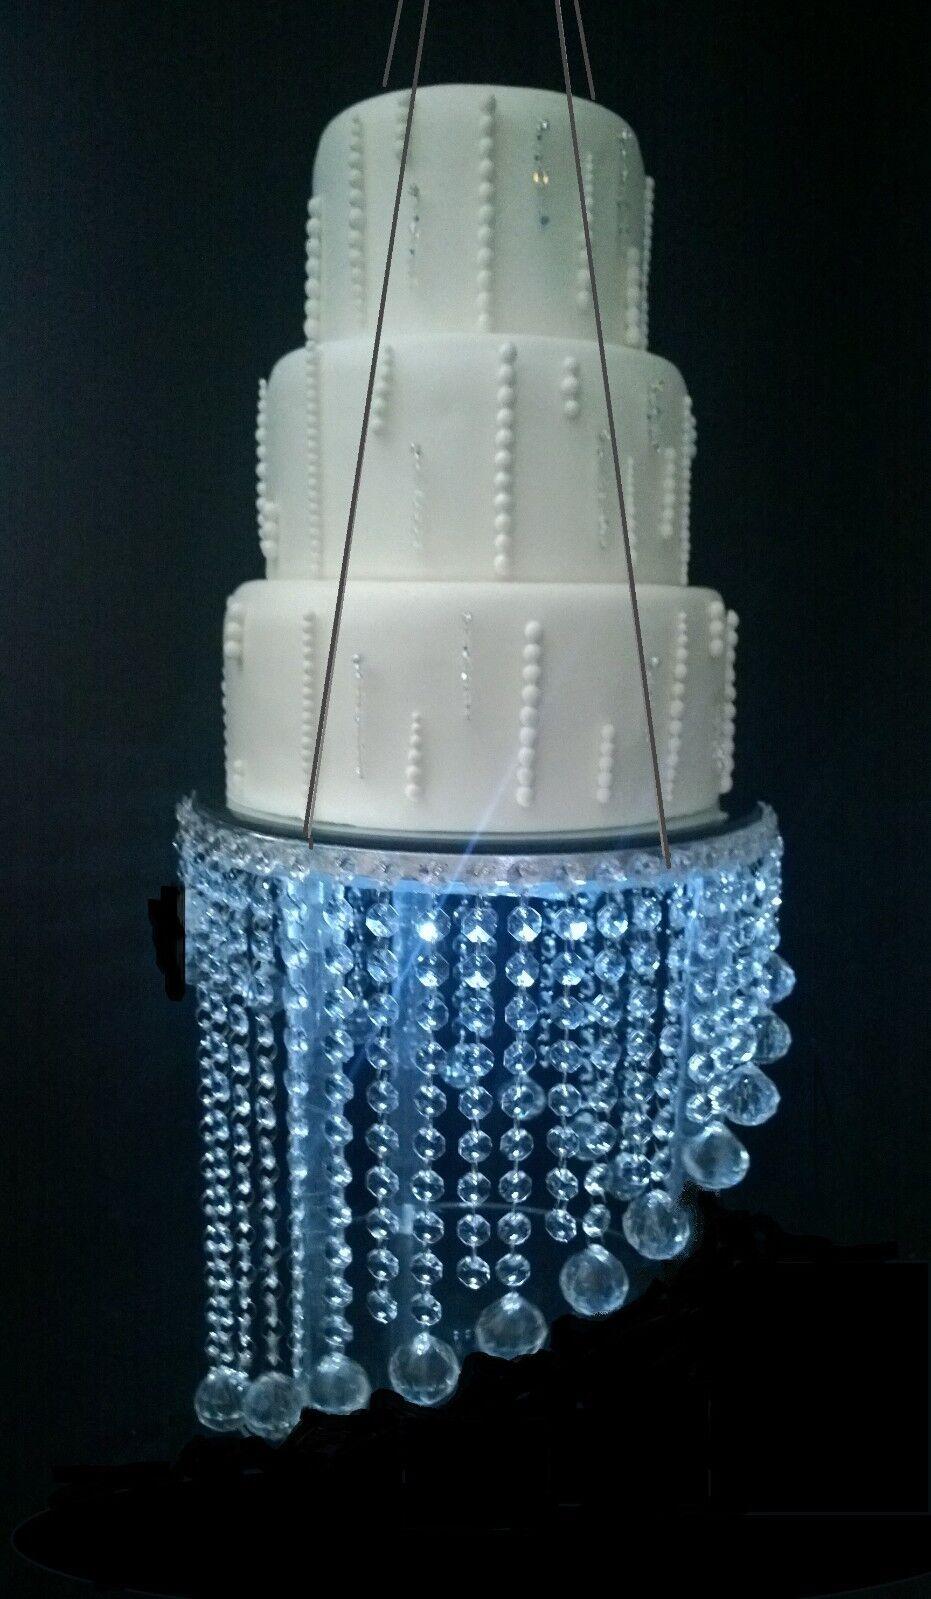 SFERA SFERA SFERA di cristallo Pendente Lampadario sospeso SWING STAND torta nuziale f1b077